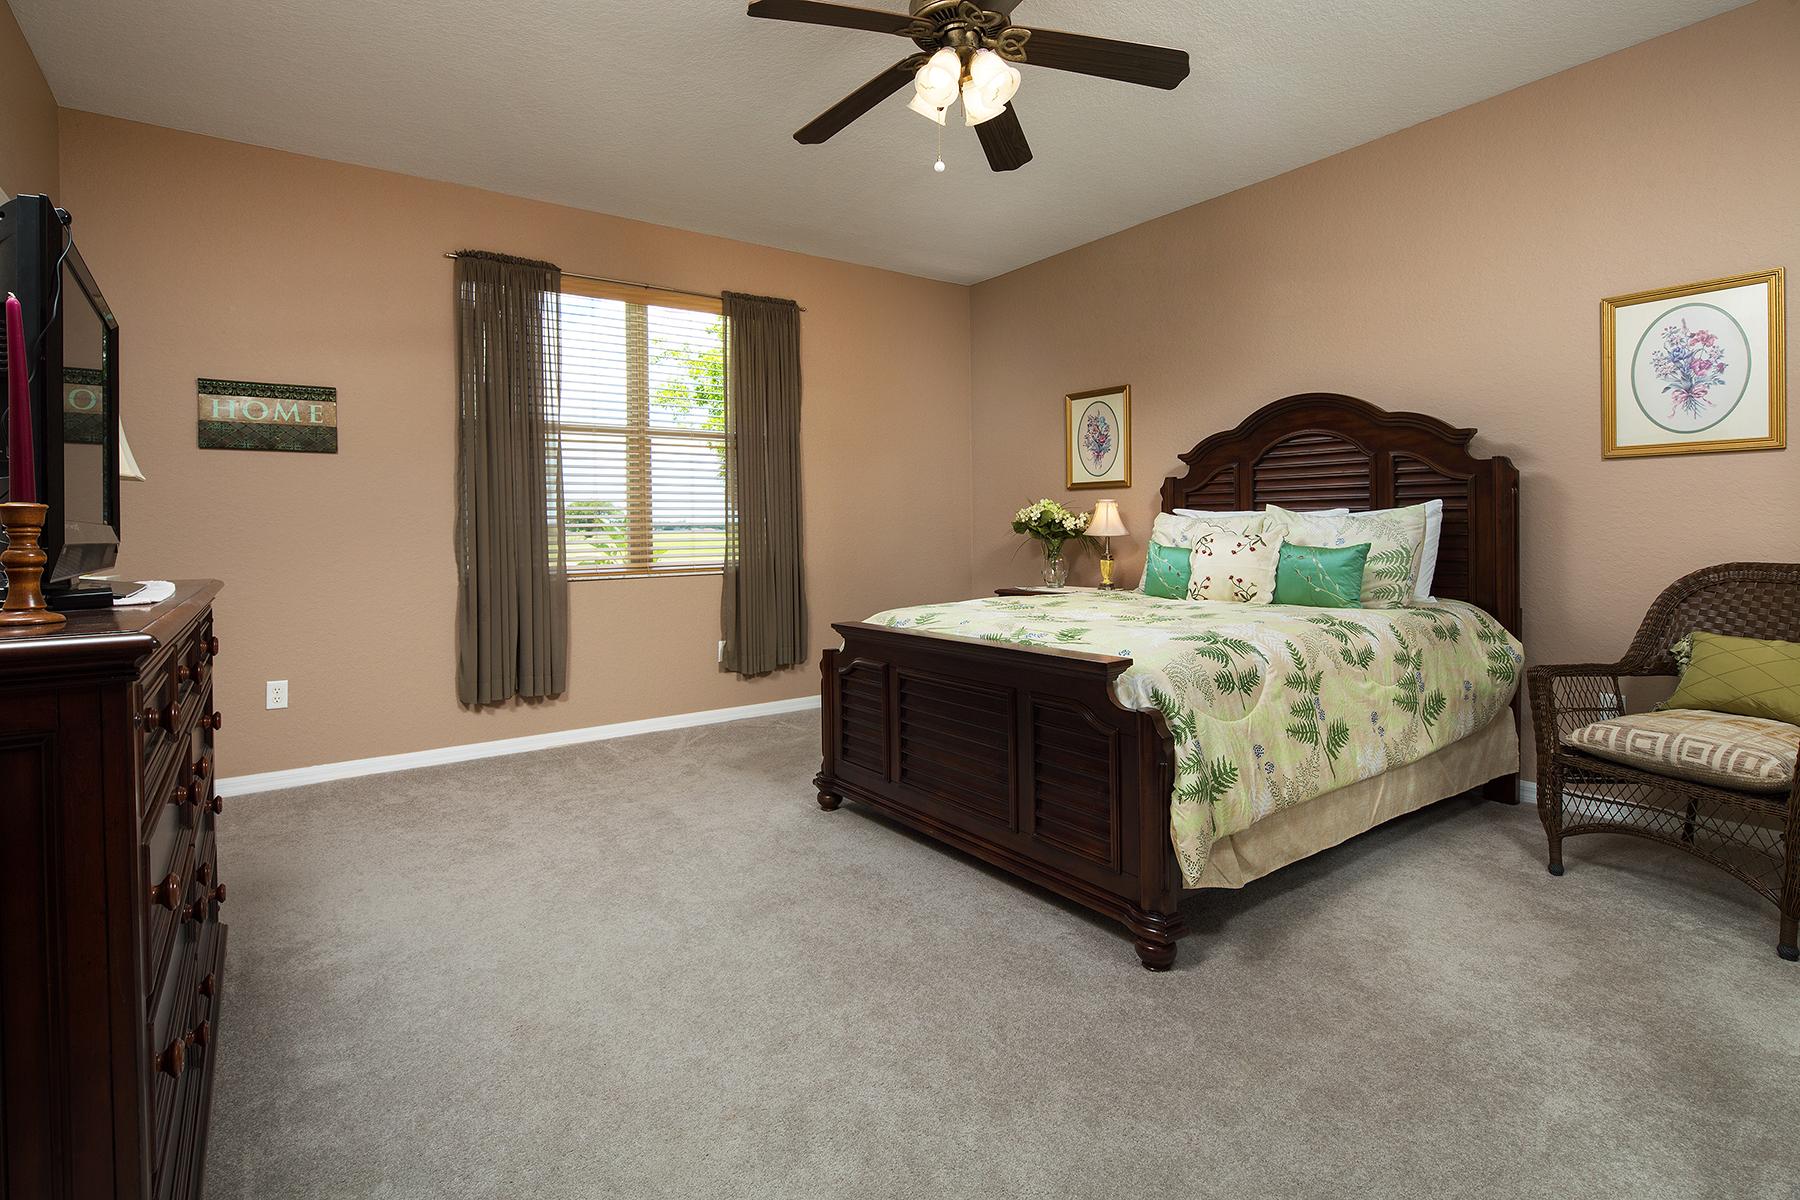 独户住宅 为 销售 在 VALENCIA 1902 Par Dr 那不勒斯, 佛罗里达州, 34120 美国